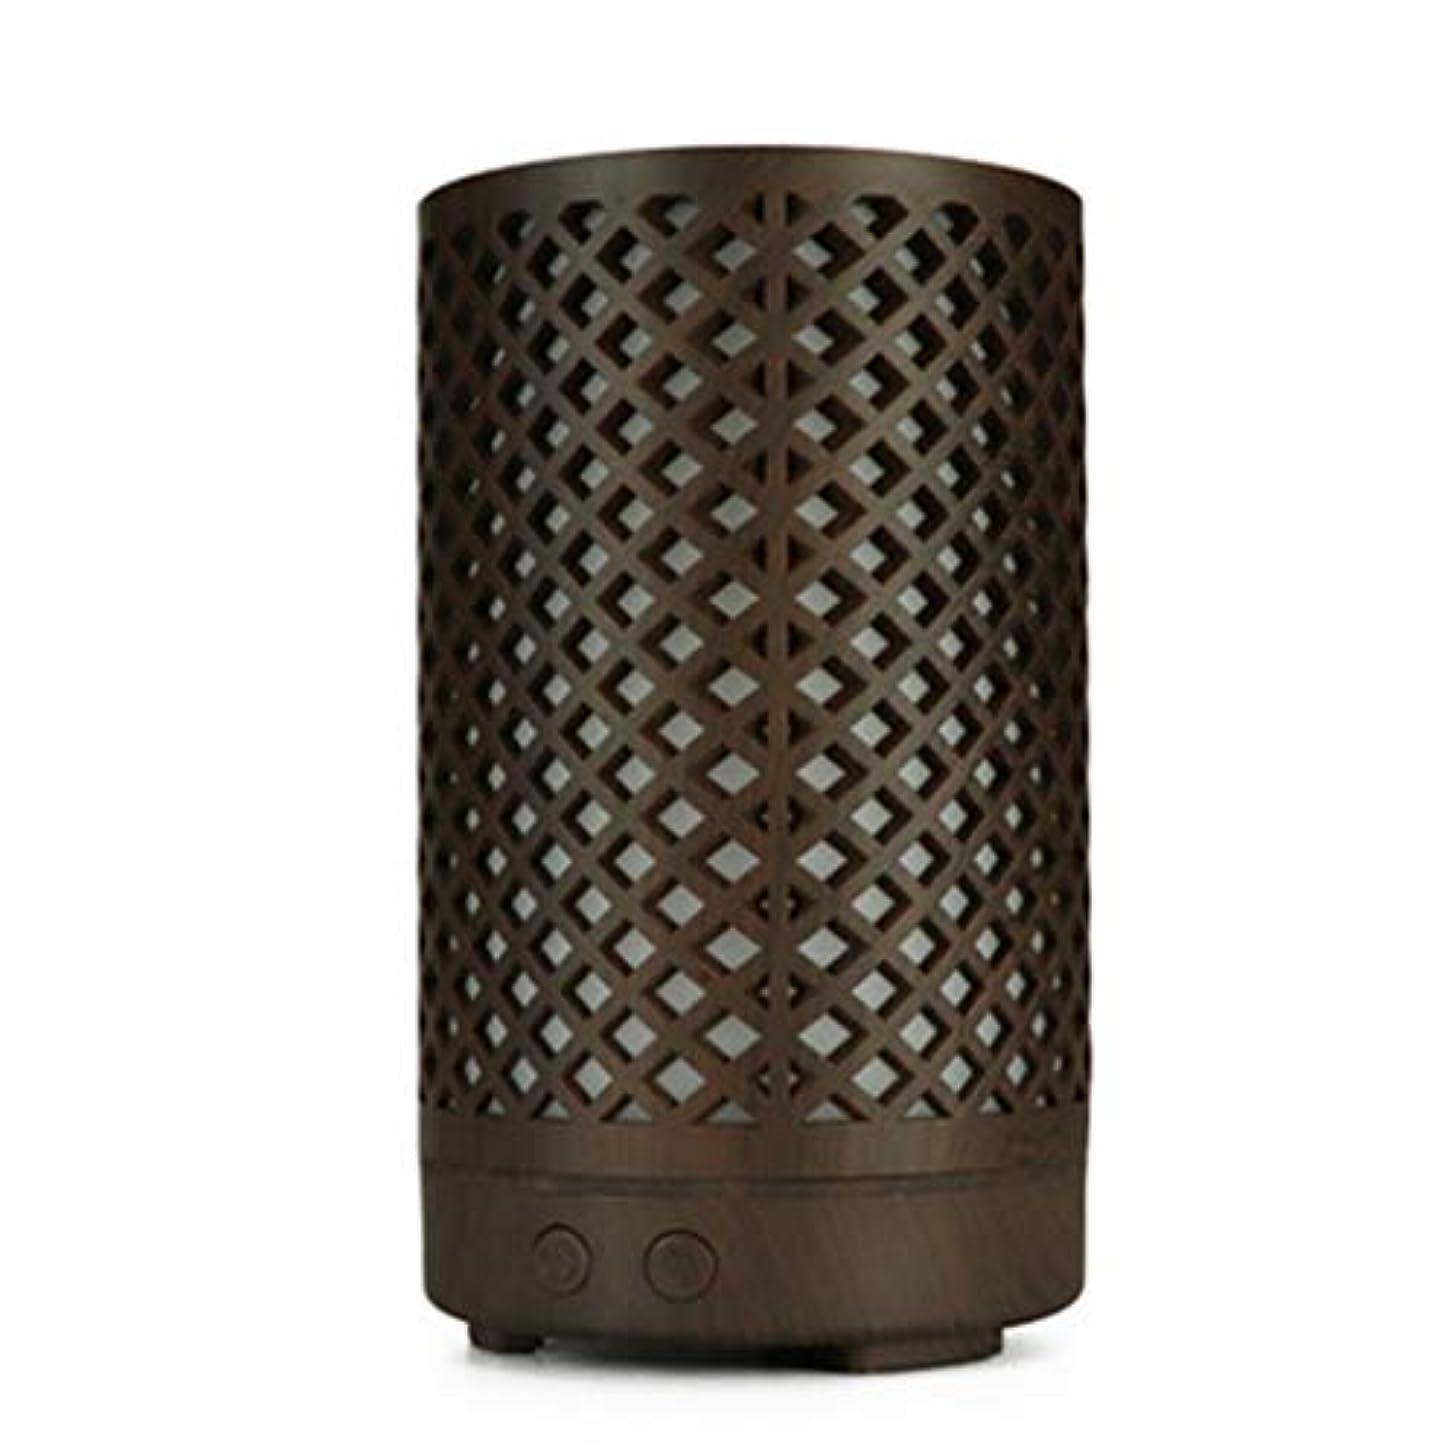 奴隷外観不均一木目加湿器家庭用100ミリリットルミニデスクトップカラフルなアロマテラピーマシン (Color : Dark wood grain)